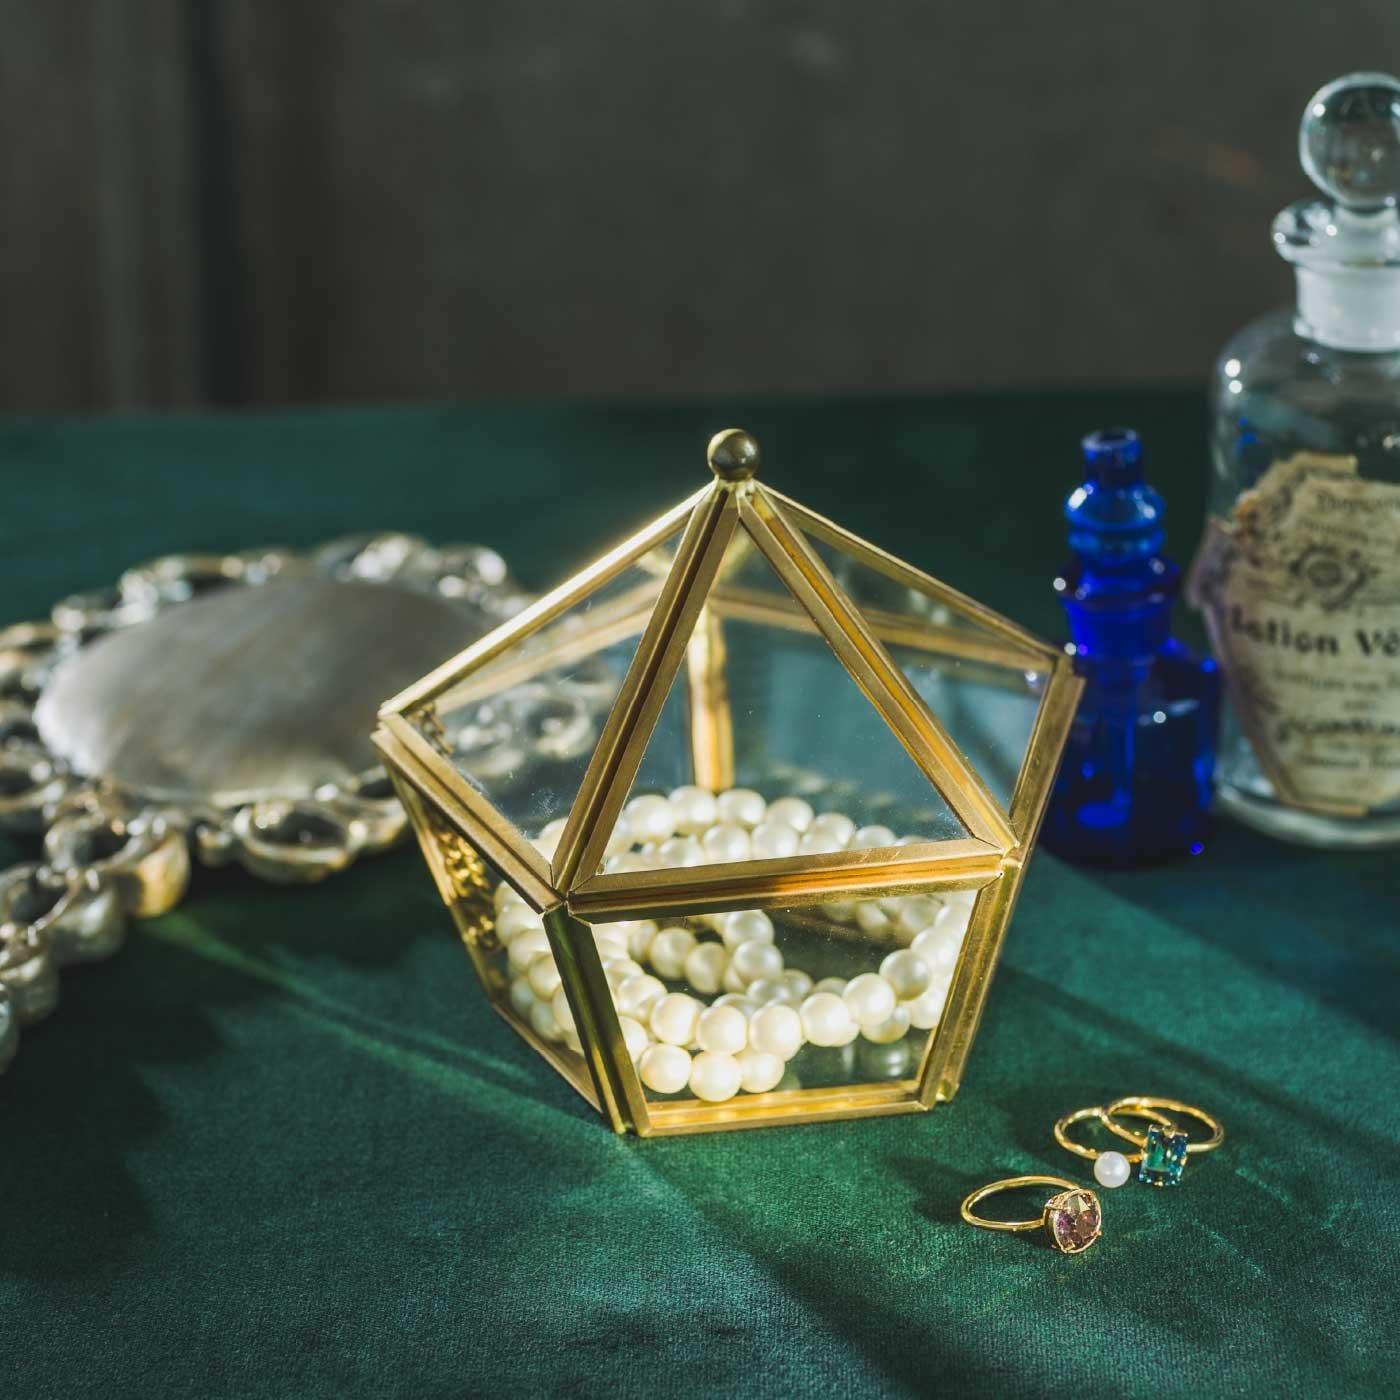 魔法部 ガラスの結界 アクセサリーケース